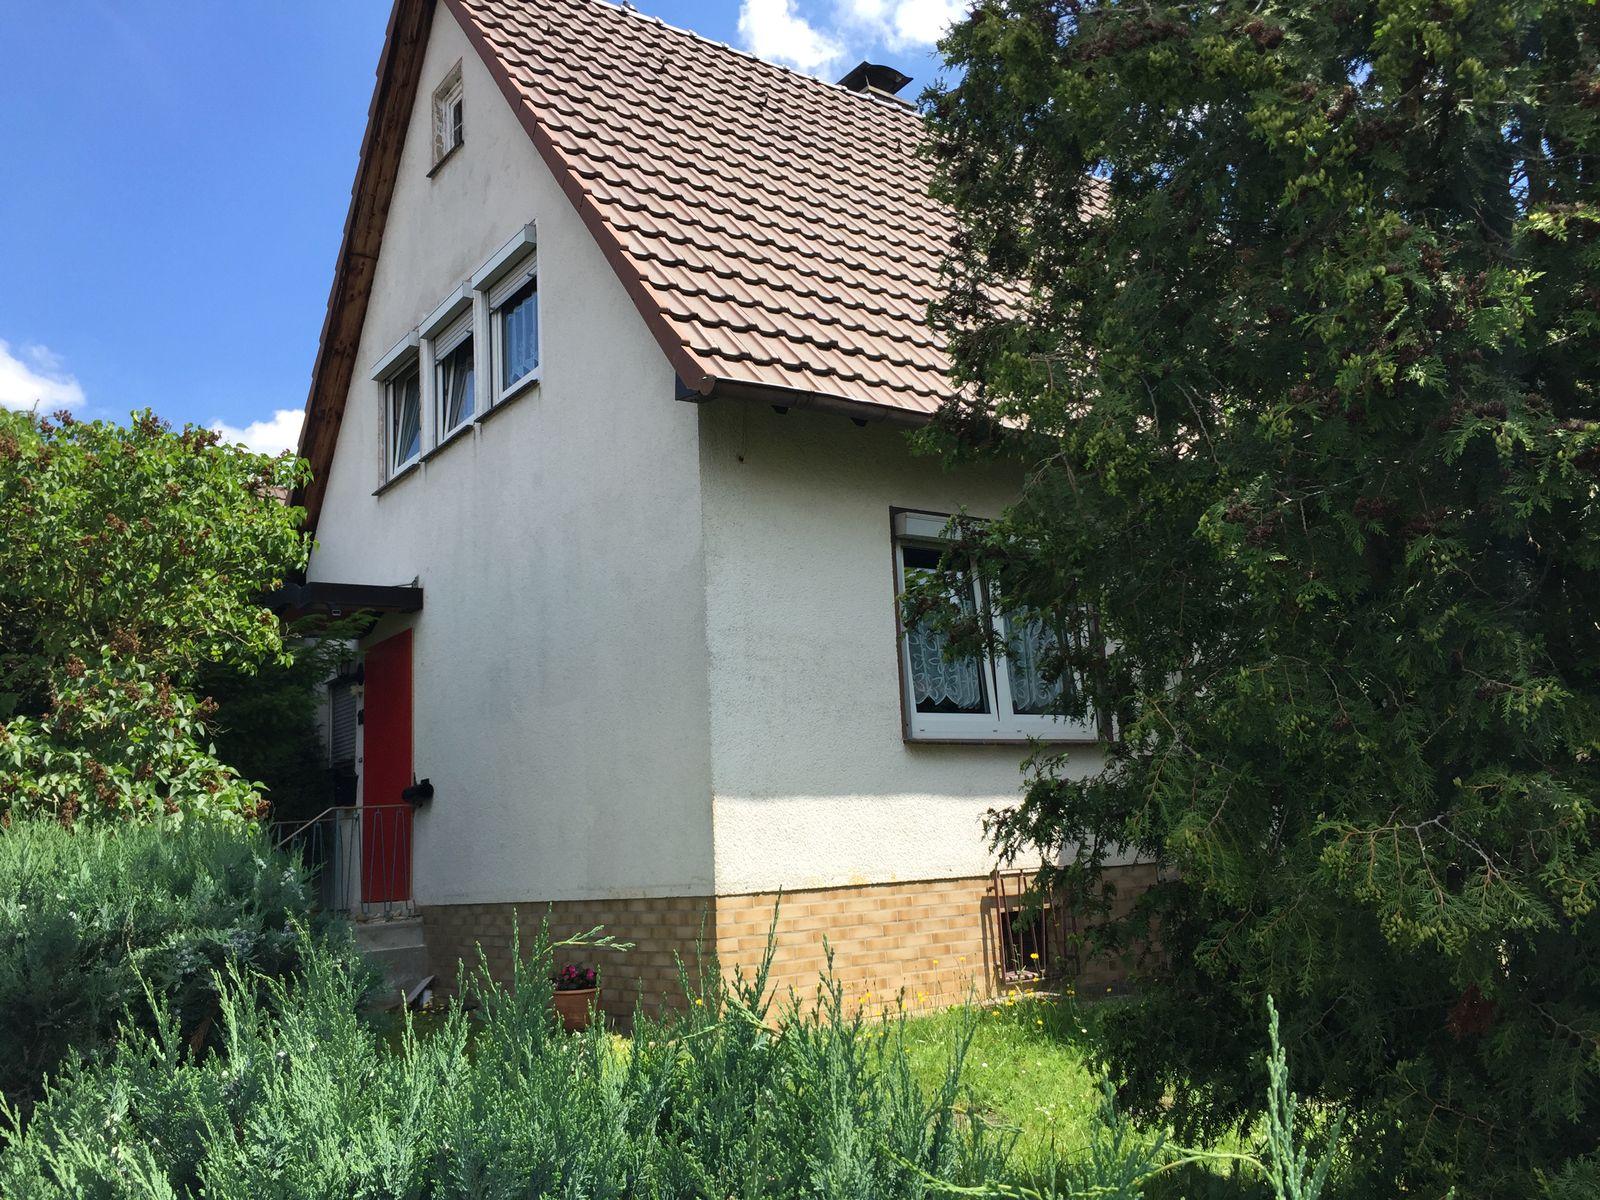 Kassel/ Fall Walter Lübcke/ Haus des Verdächtigen